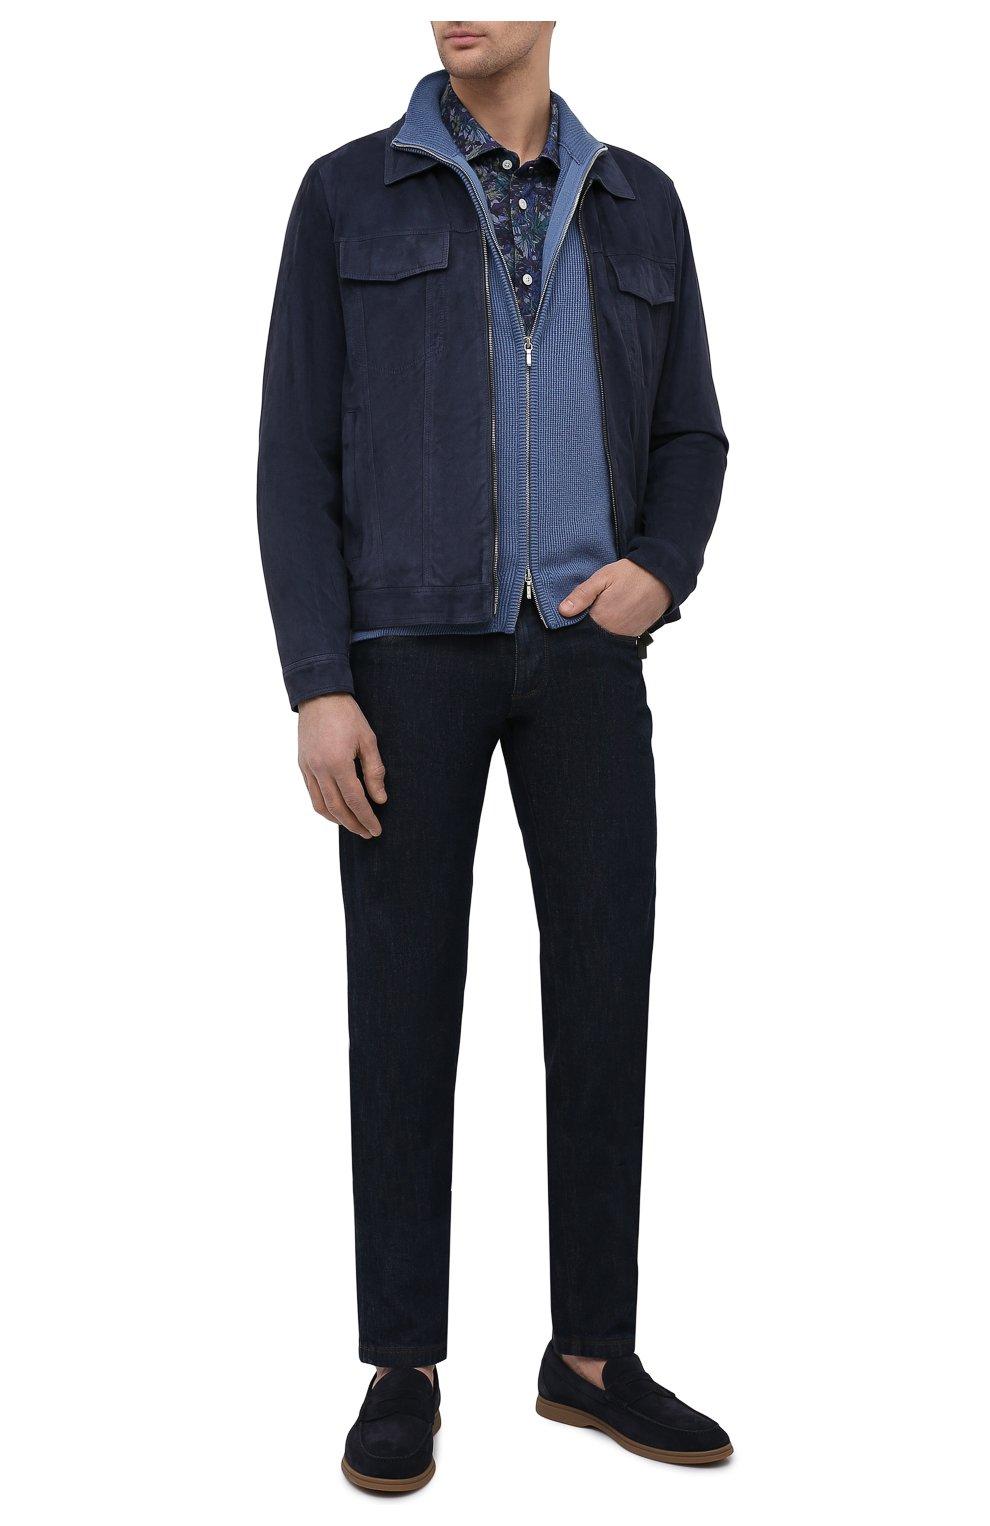 Мужская хлопковая рубашка KITON синего цвета, арт. UMCNERH0767702/46-50 | Фото 2 (Манжеты: На пуговицах; Рукава: Длинные; Рубашки М: Regular Fit; Воротник: Акула; Случай: Повседневный; Длина (для топов): Стандартные; Принт: С принтом; Материал внешний: Хлопок; Стили: Кэжуэл)